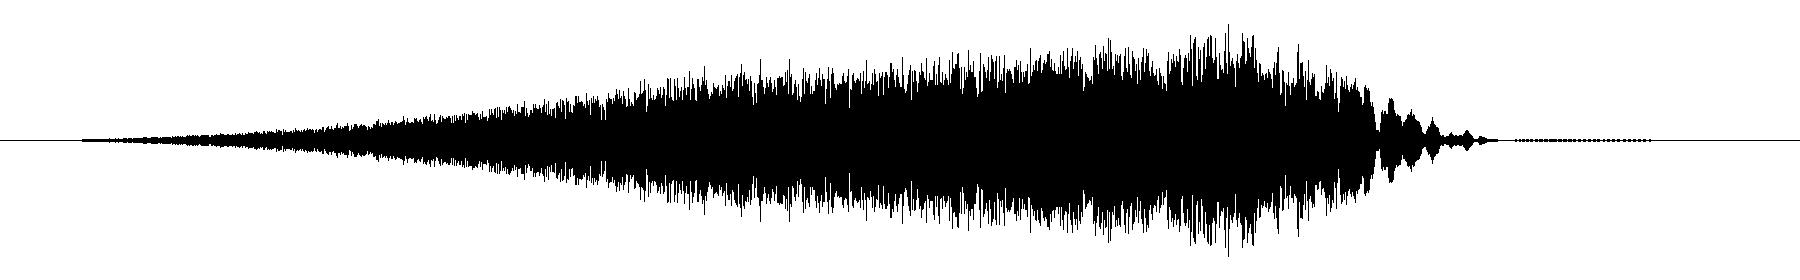 ehp sfx spiralnoise